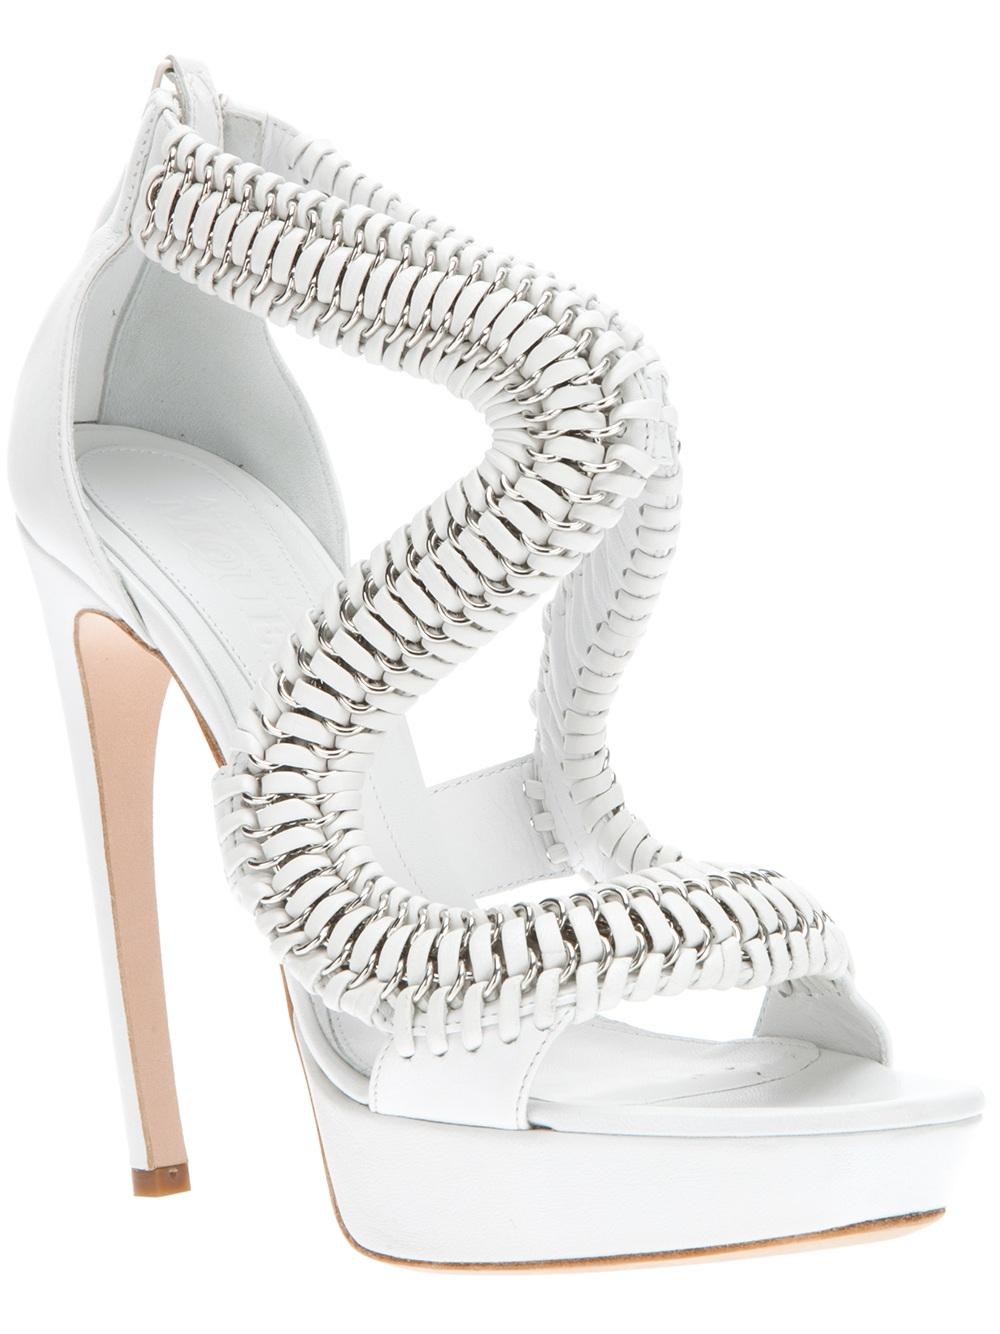 Alexander Mcqueen Chain High Heel Sandals In White Lyst